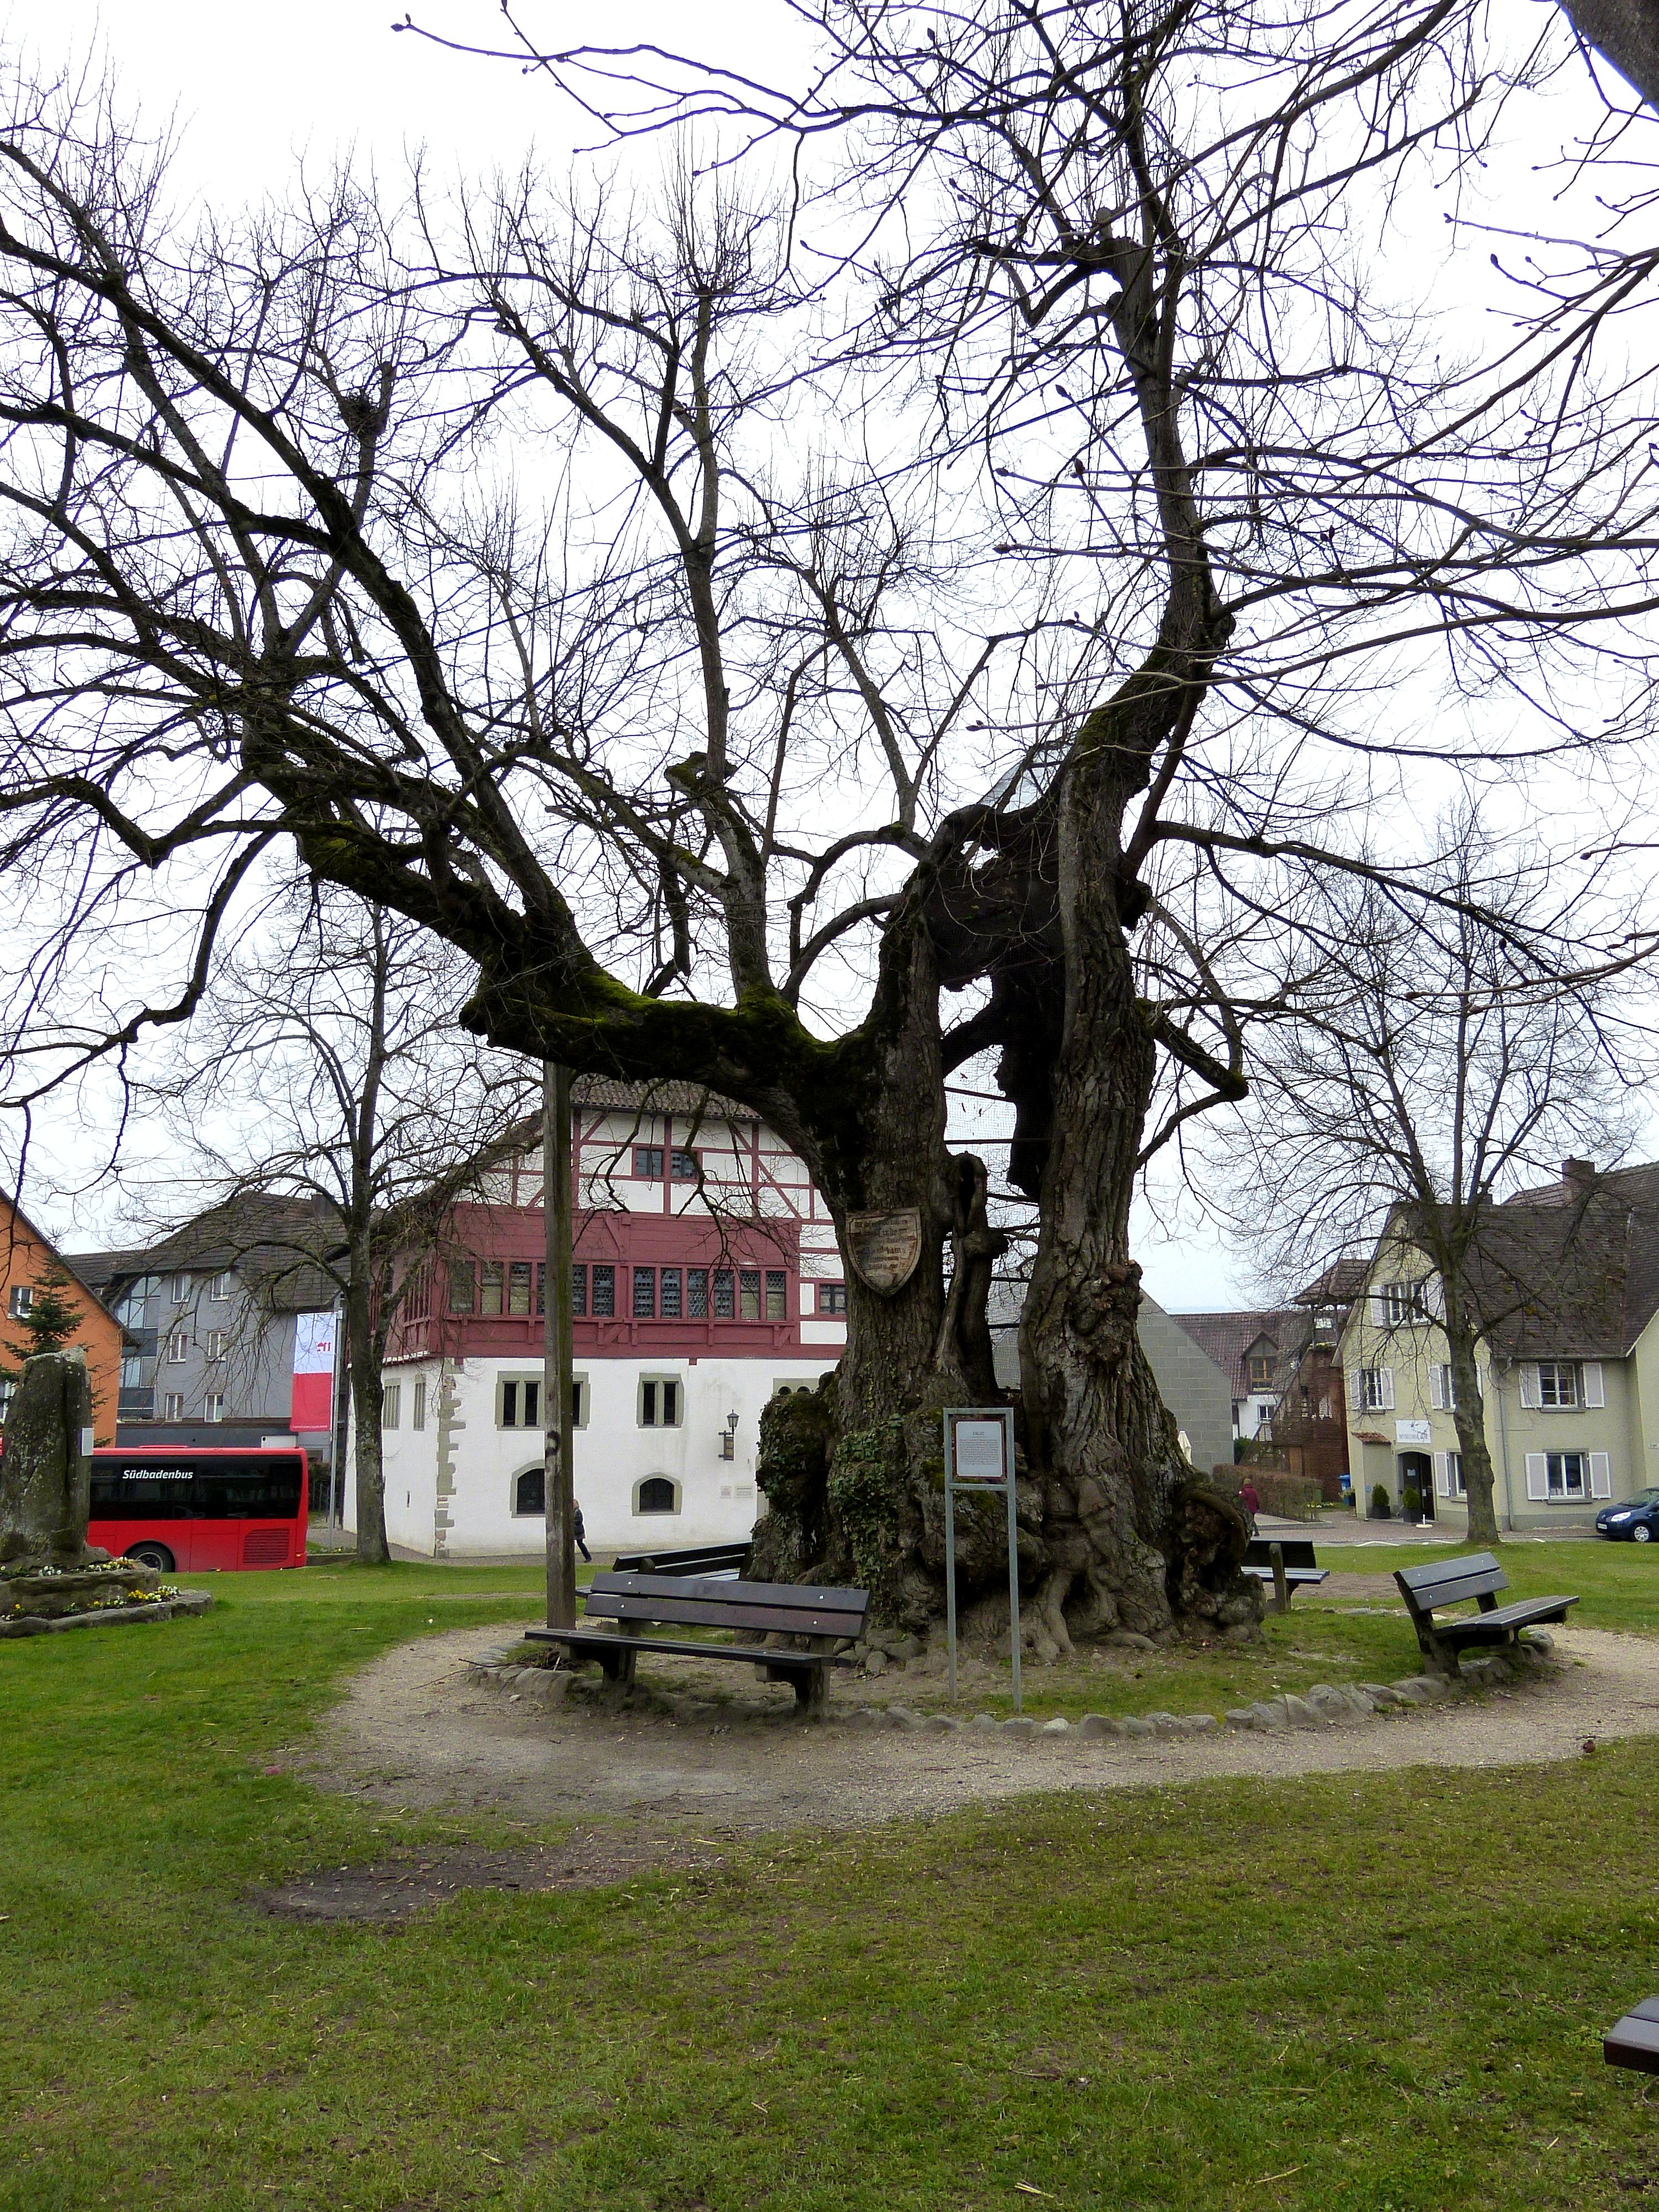 File:Reichenau Mittelzell - Ergat 2 Linde.jpg